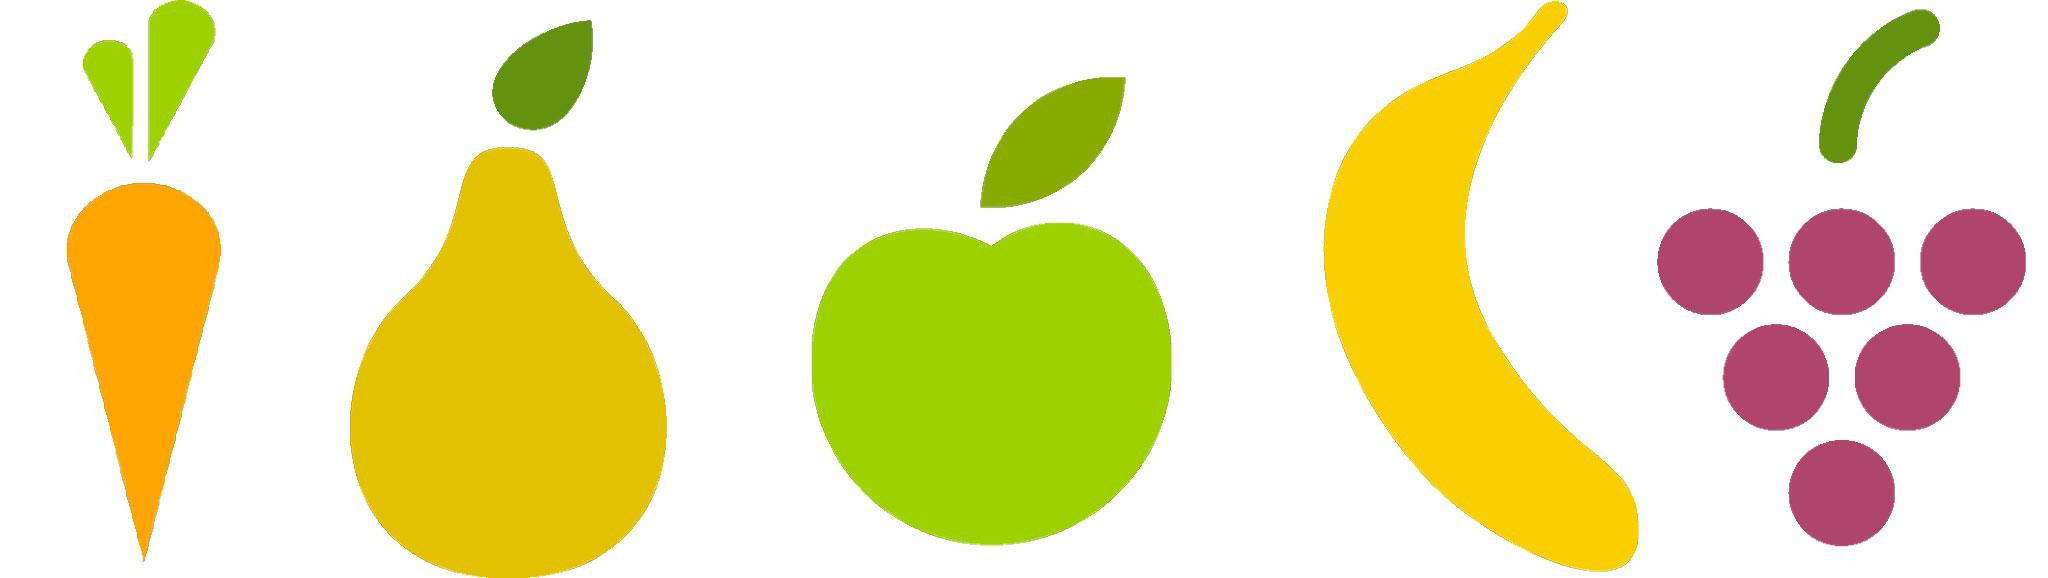 Obst-und-Gemüse_iStock20911149